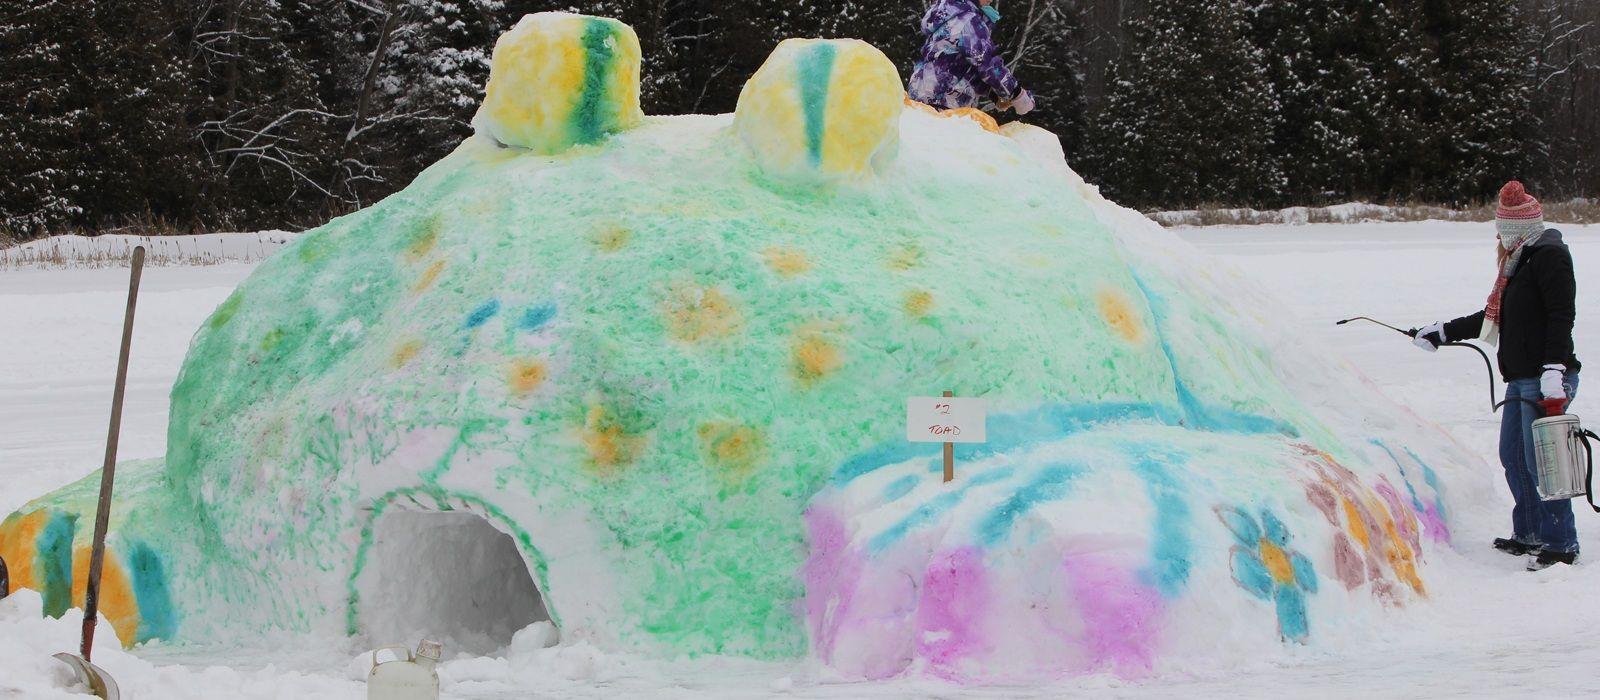 Fun on the Frozen Flambeau